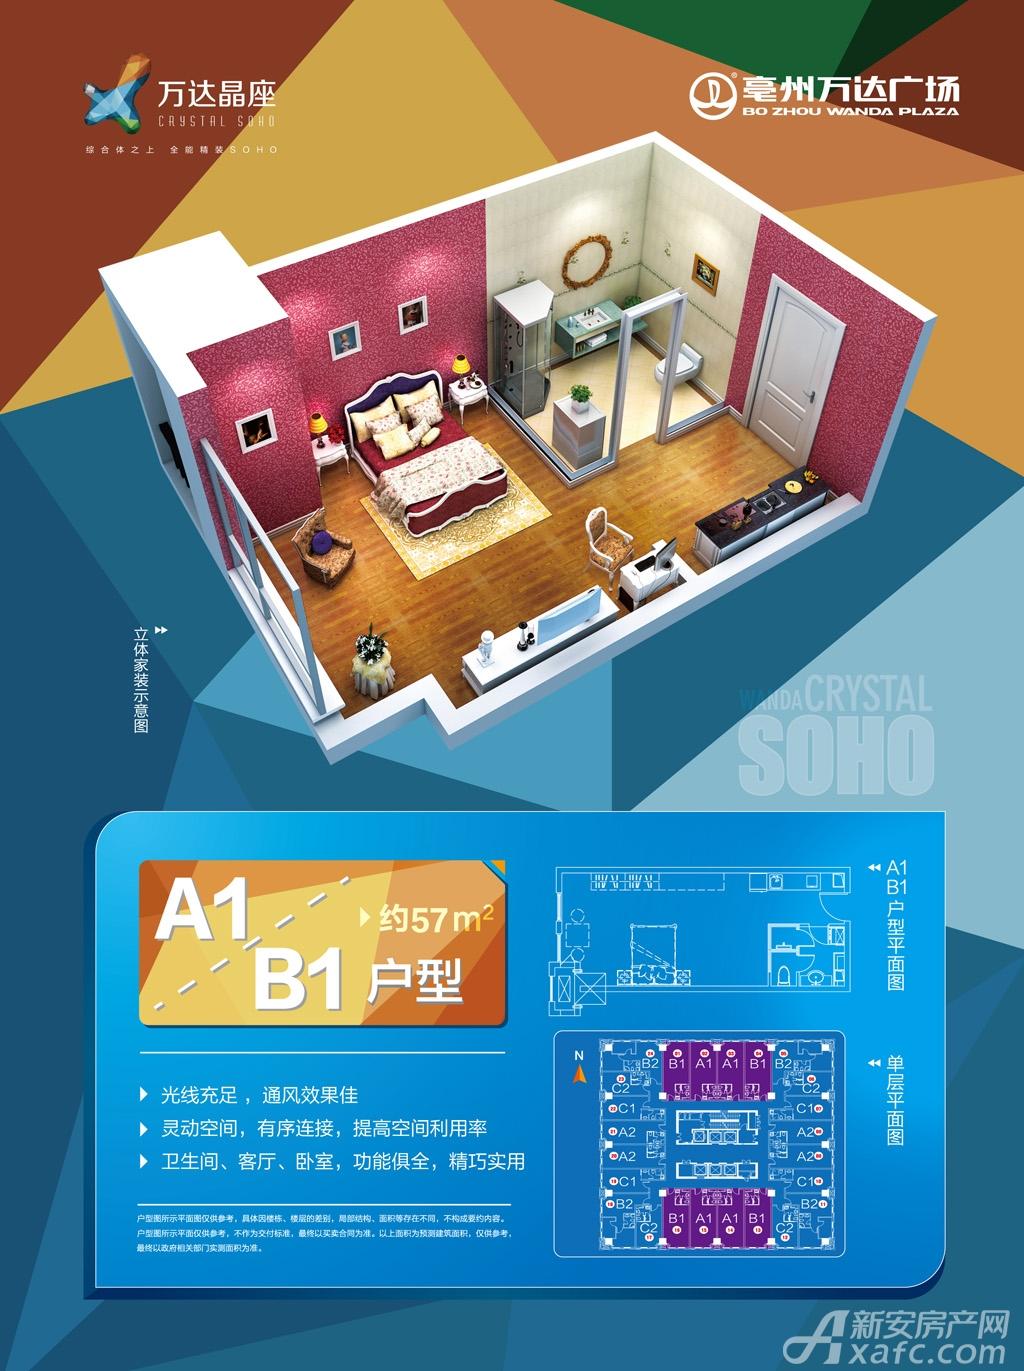 亳州万达广场精装soho A1/B1户型1室1厅57平米